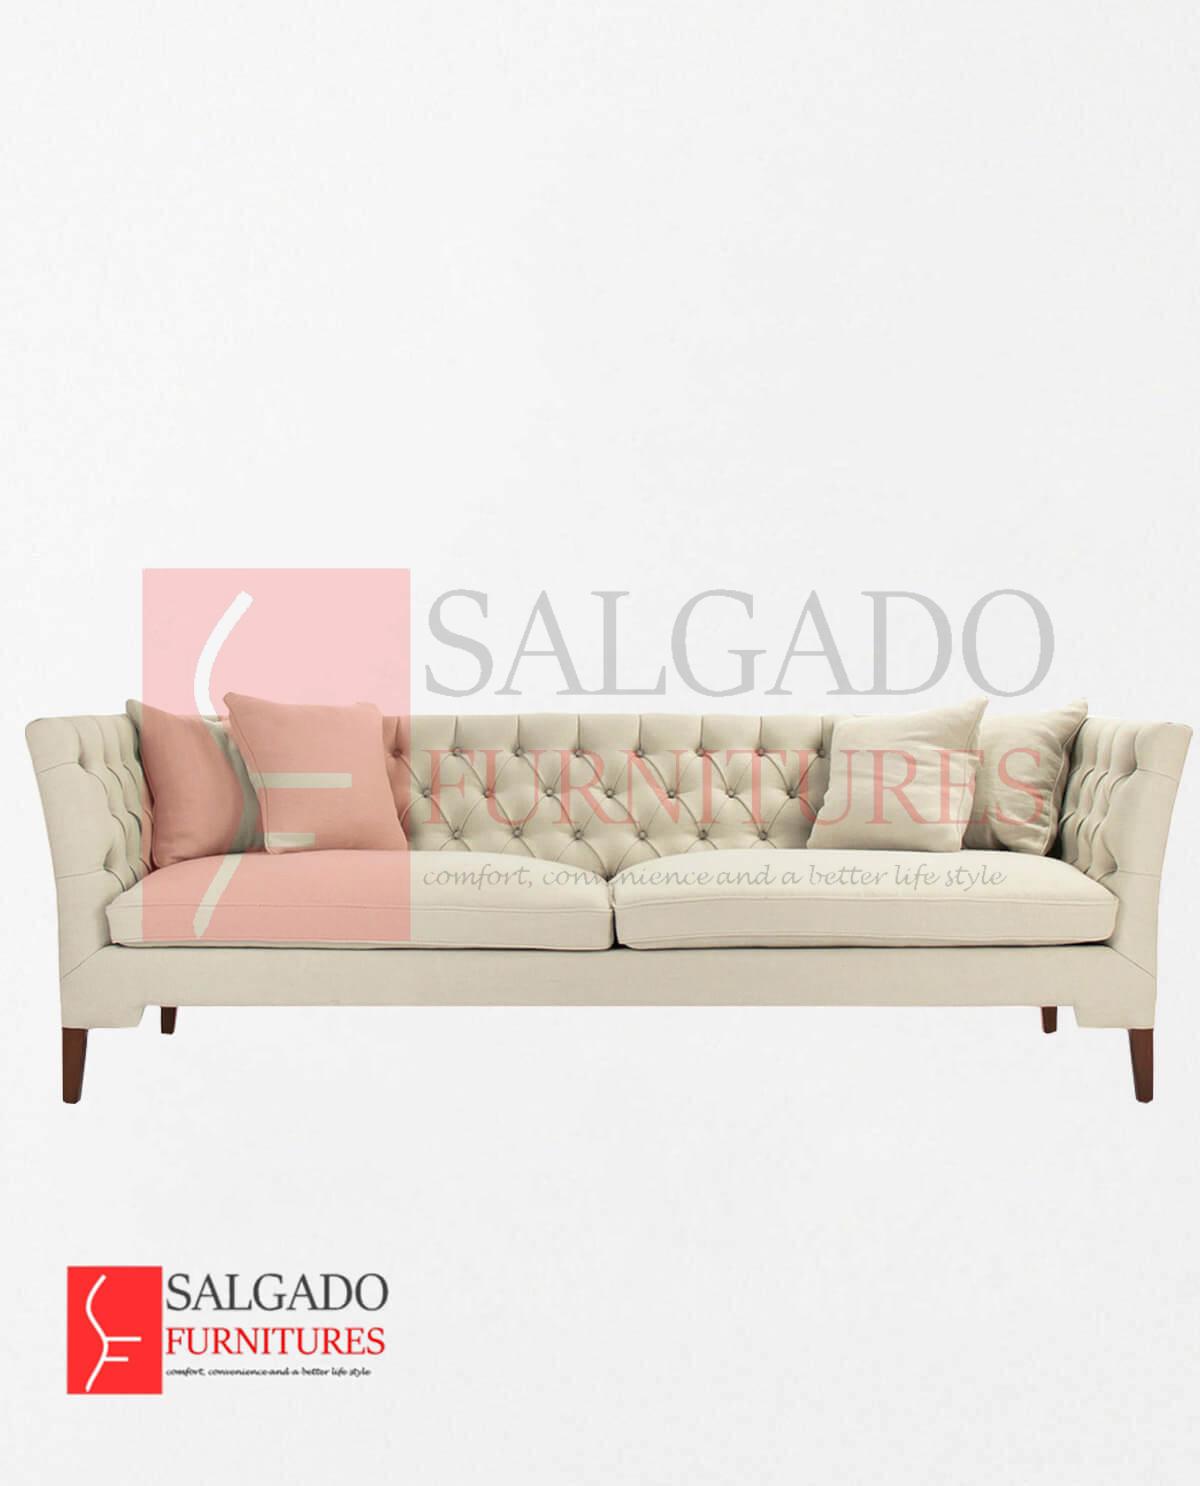 Sofa-designs